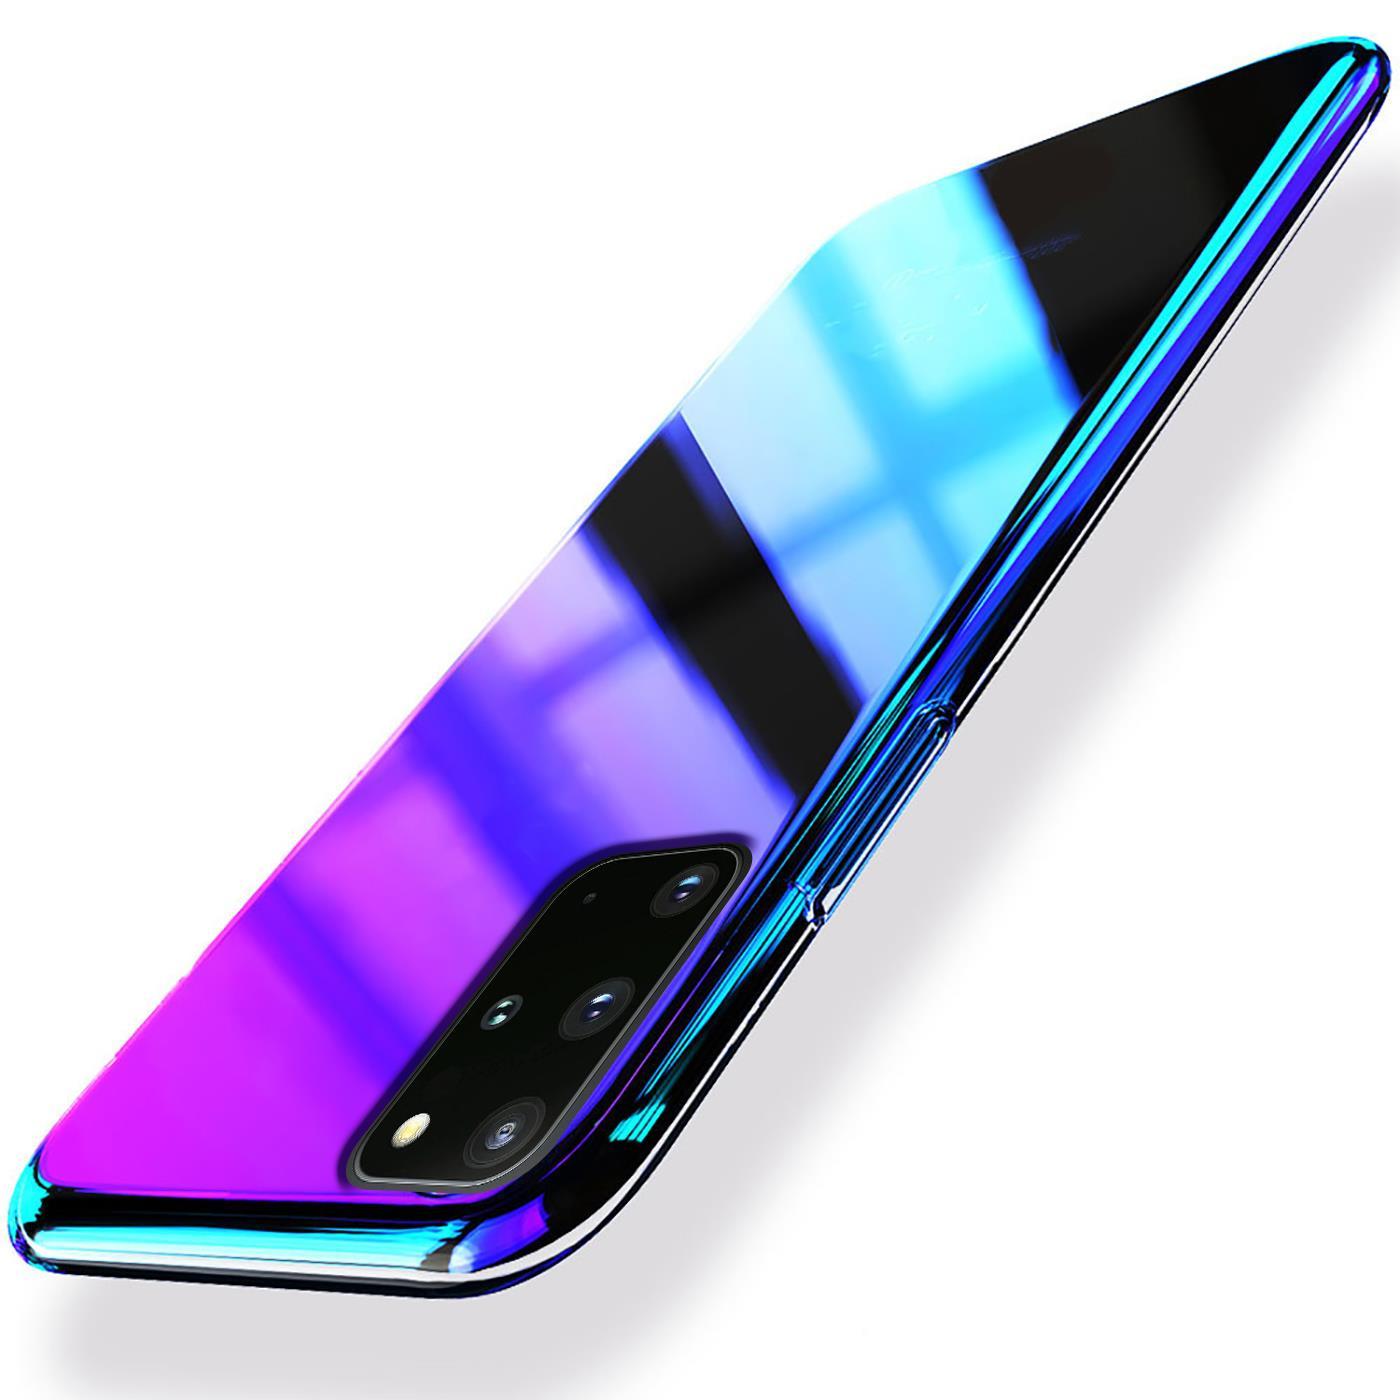 Farbwechsel-Handy-Huelle-fuer-Samsung-Galaxy-A10-Case-Slim-Schutz-Cover-Tasche Indexbild 9